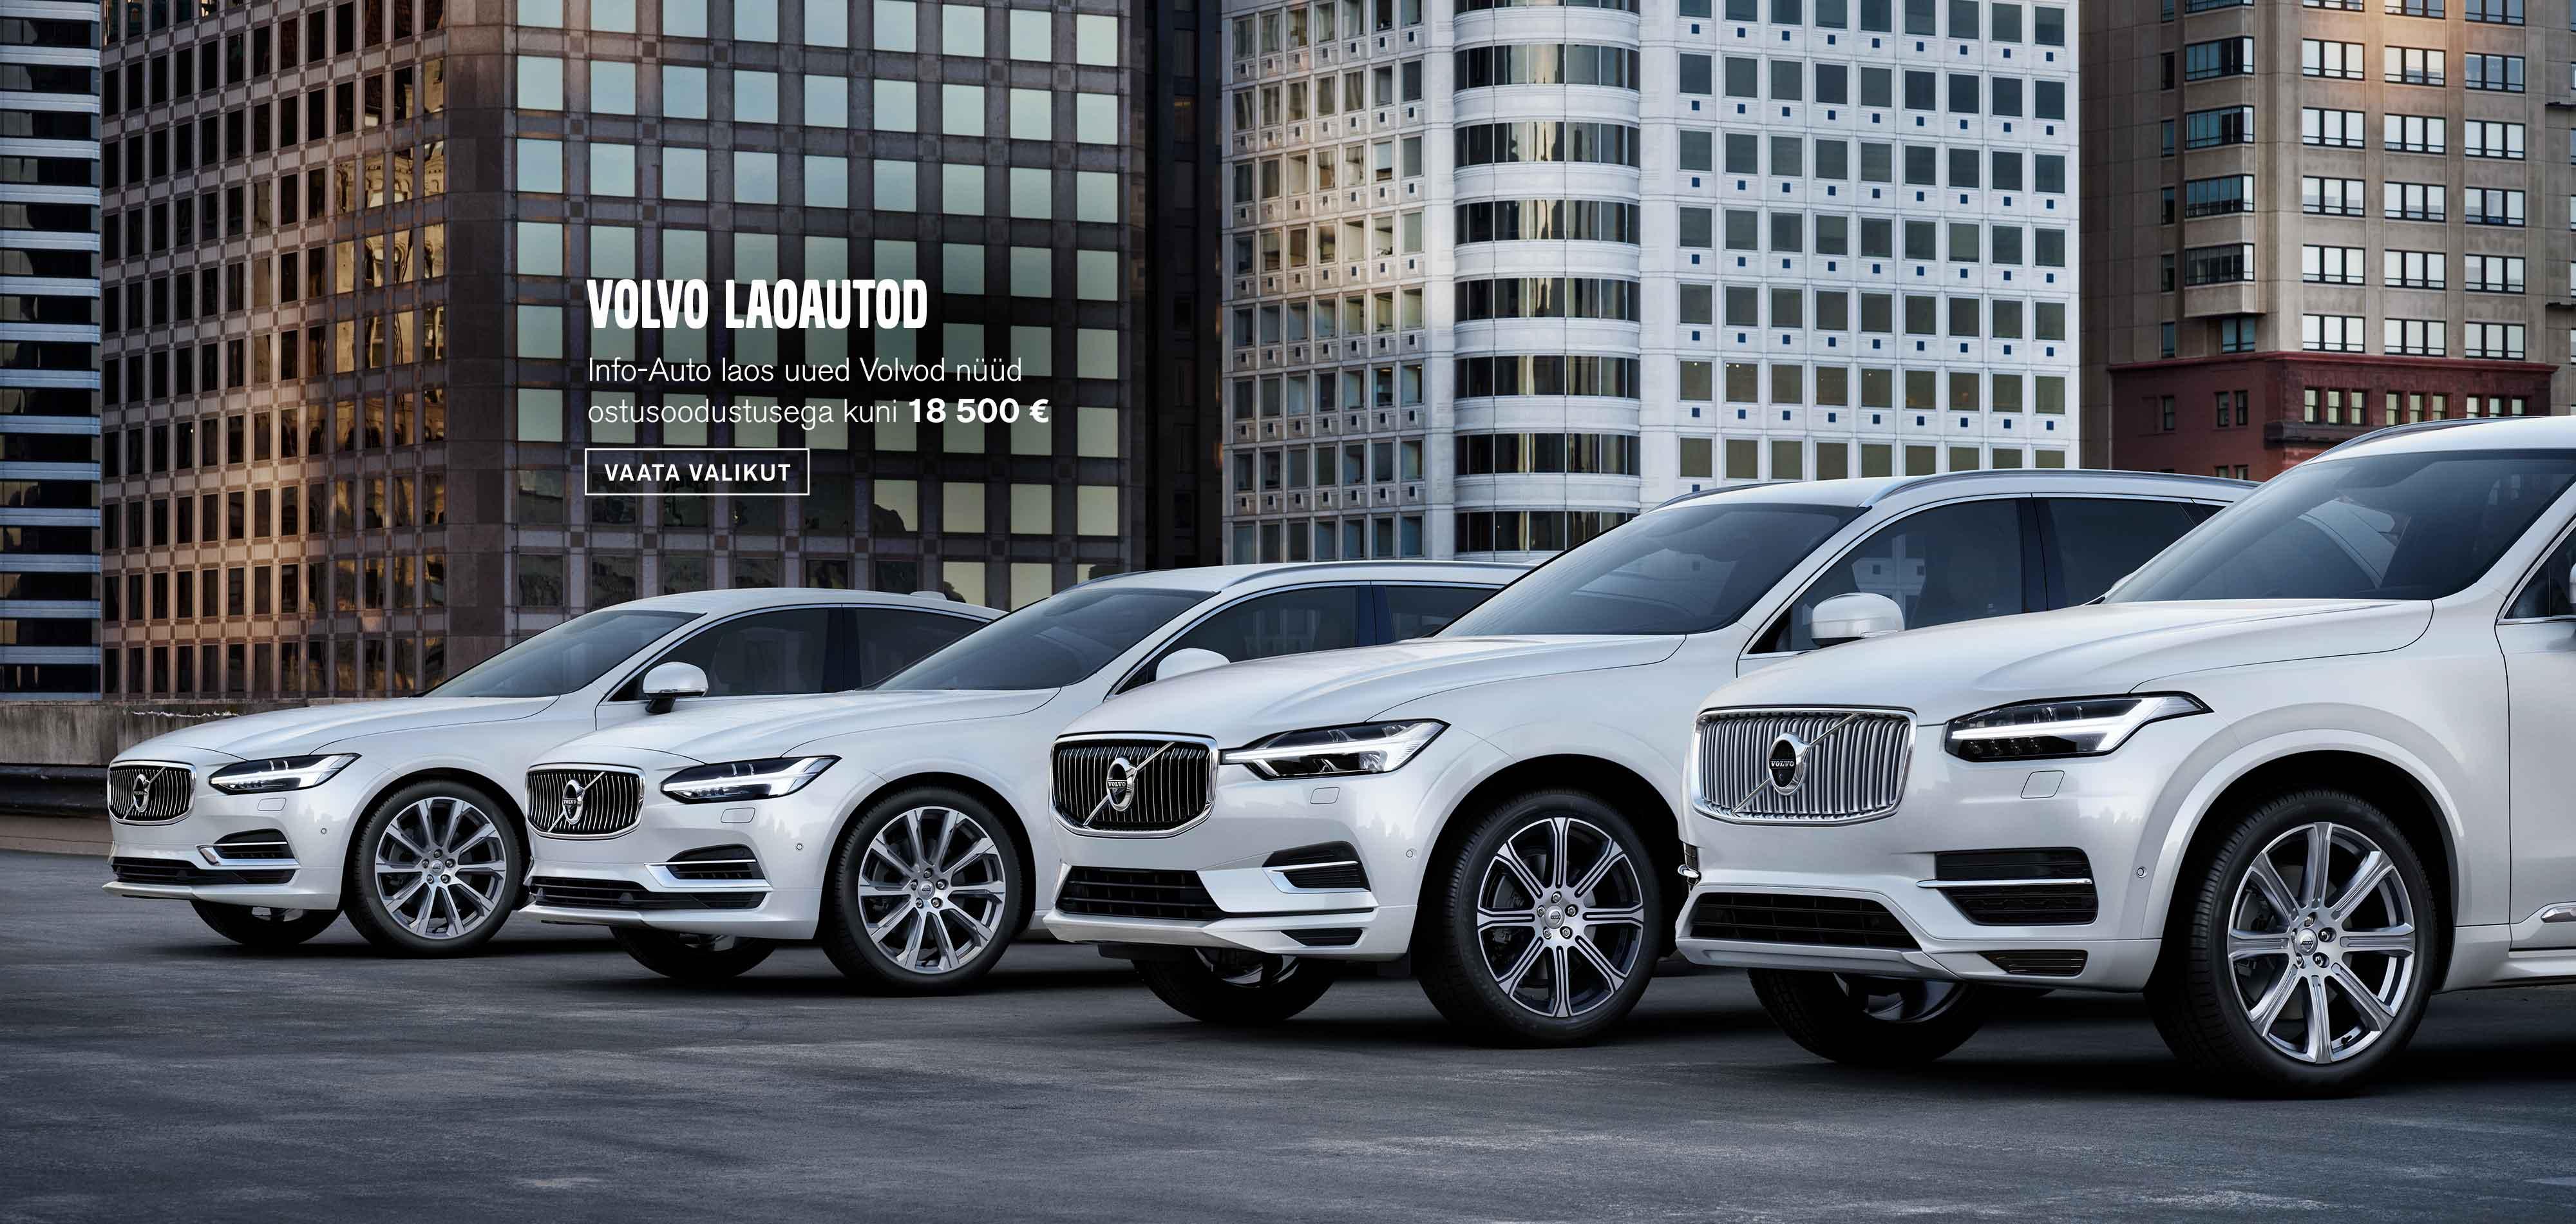 Sügispakkumised - Volvo laoautod